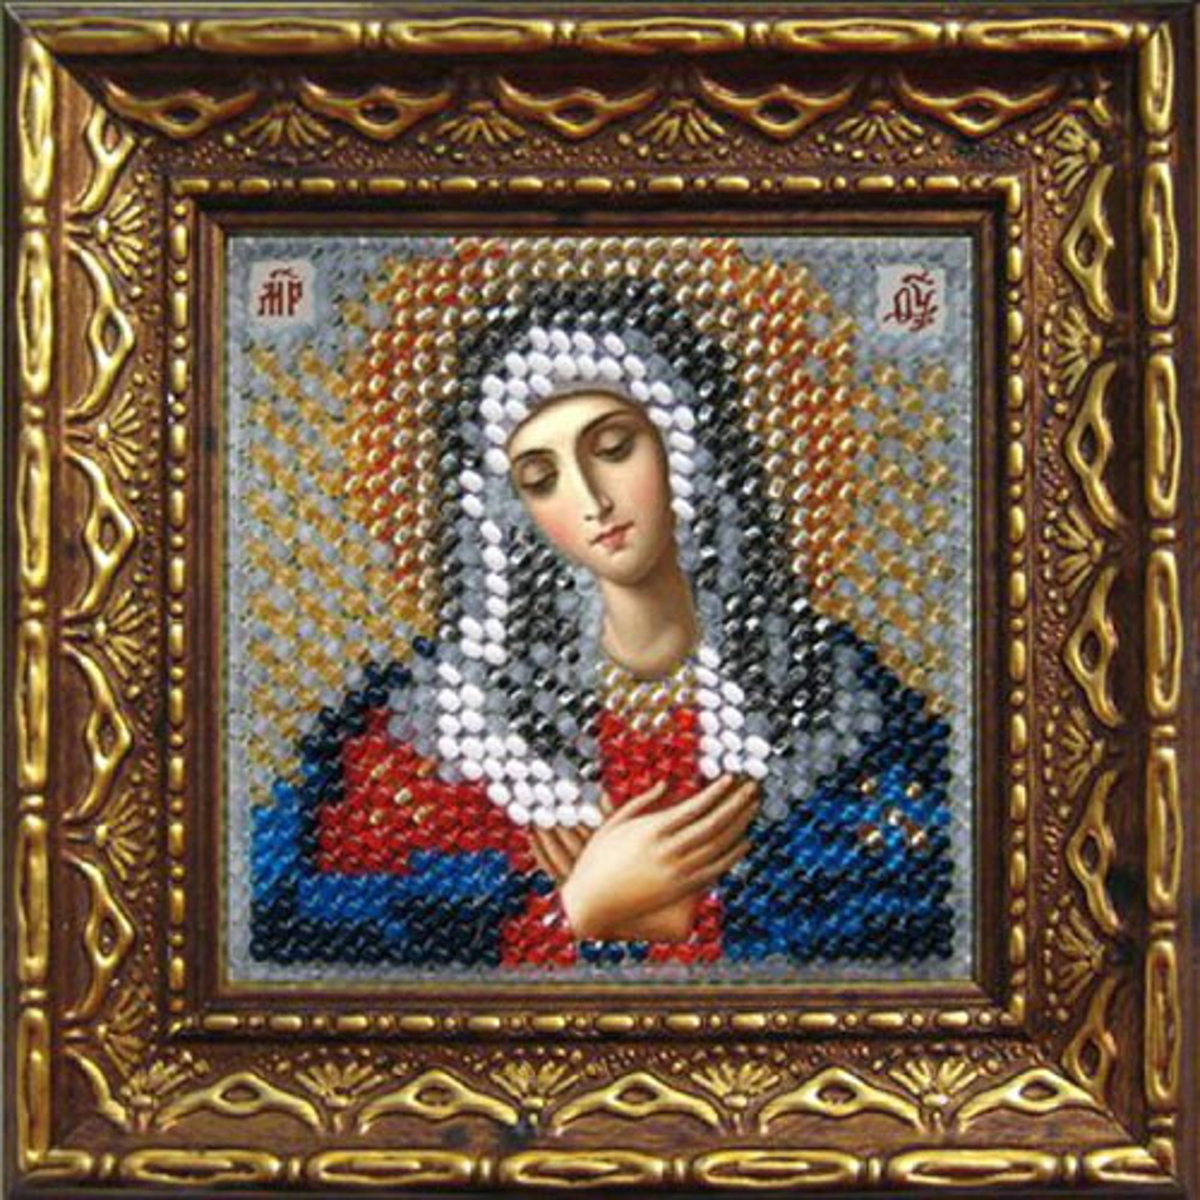 2068дПИ Набор для вышивания бисером 'Вышивальная мозаика' Икона 'Прсв. Богородица Умиление', 6,5*6,5 см фото